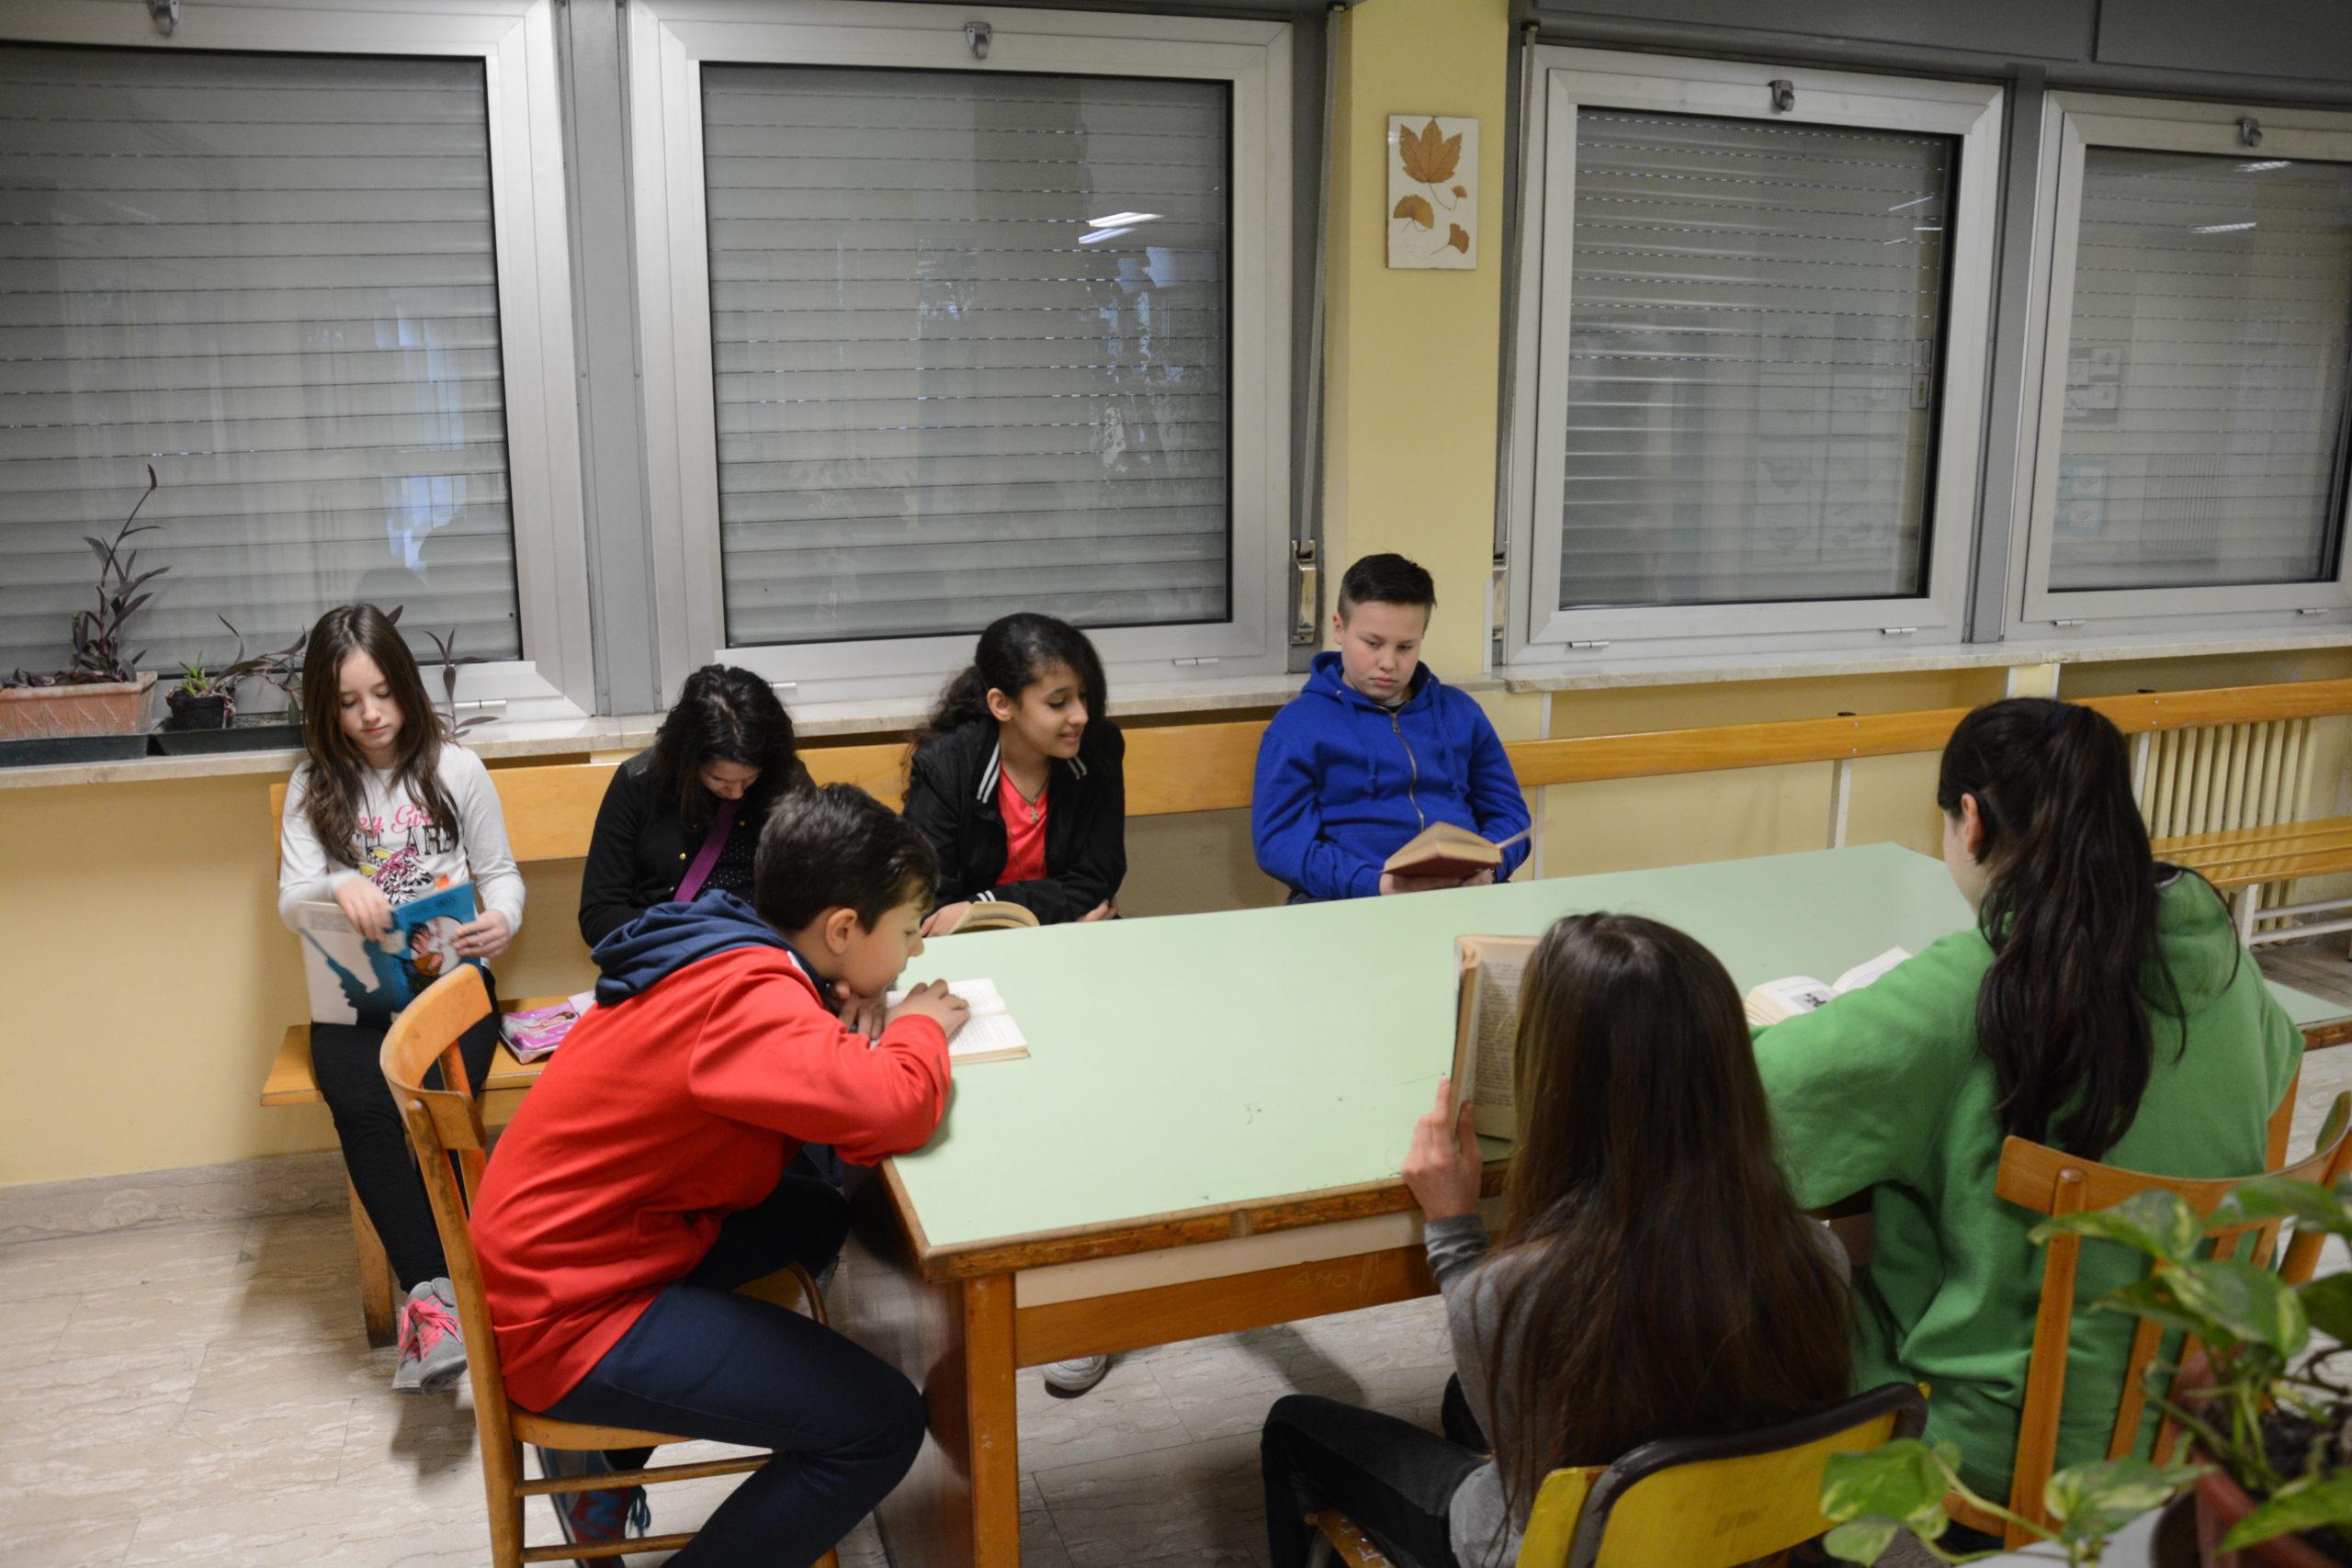 Polo ragazzi: Centro per l'Aggregazione giovanile